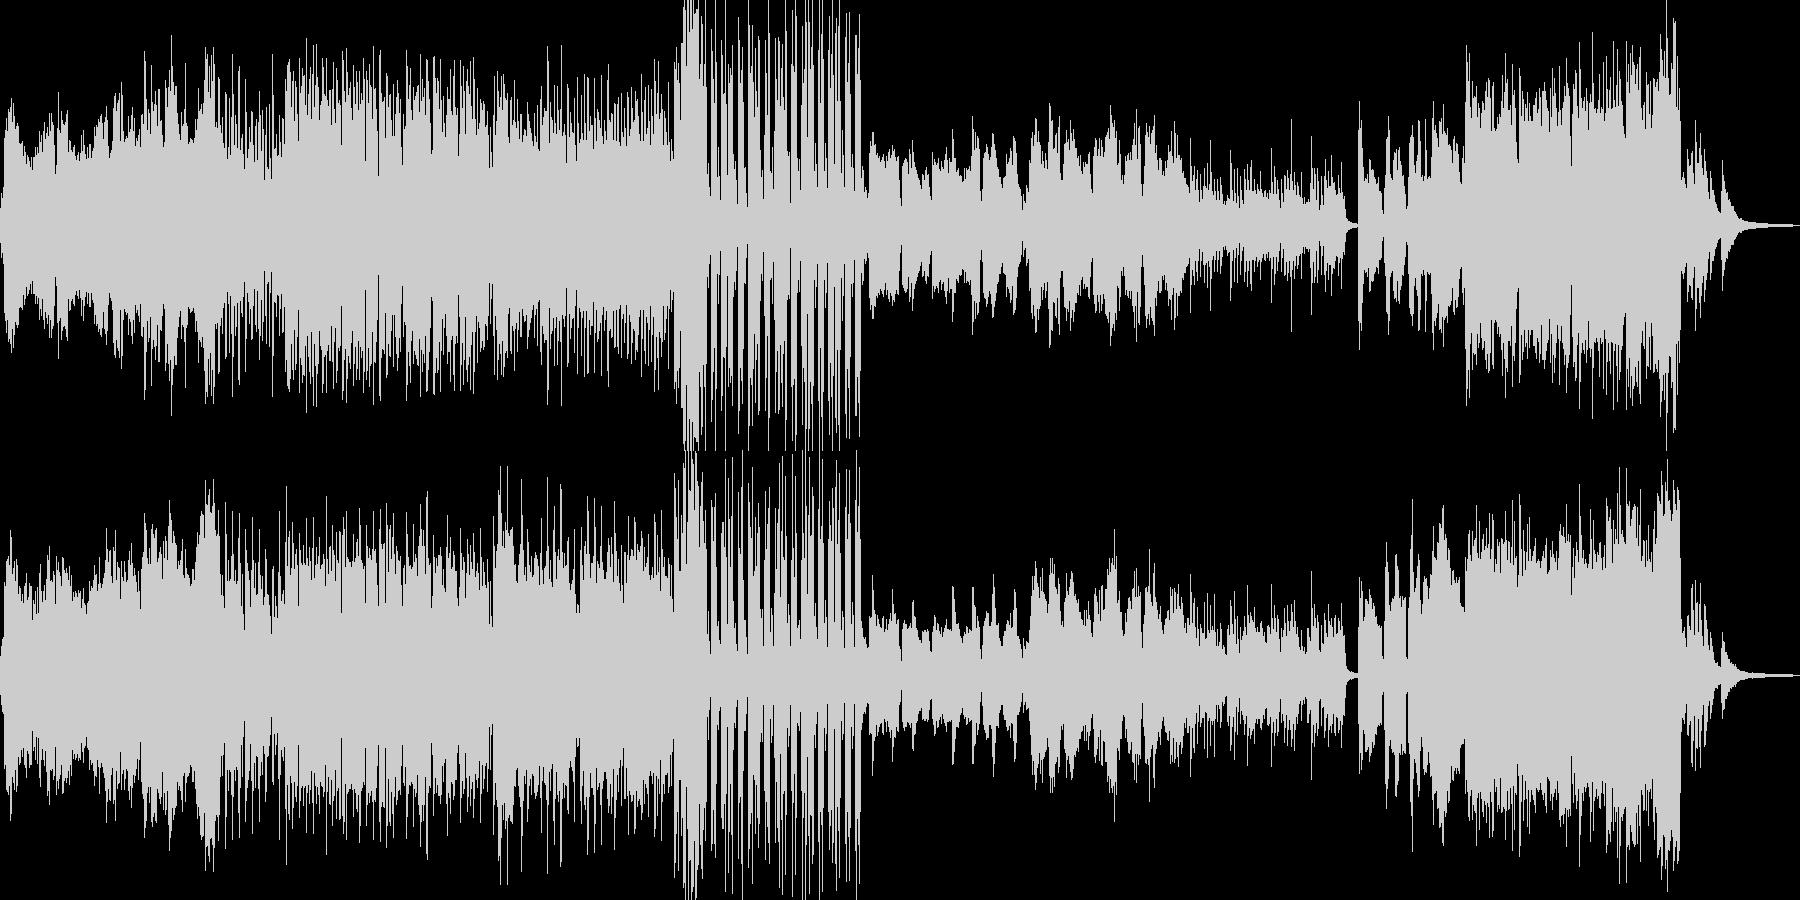 枯れ葉が舞い散るイメージ Cの未再生の波形